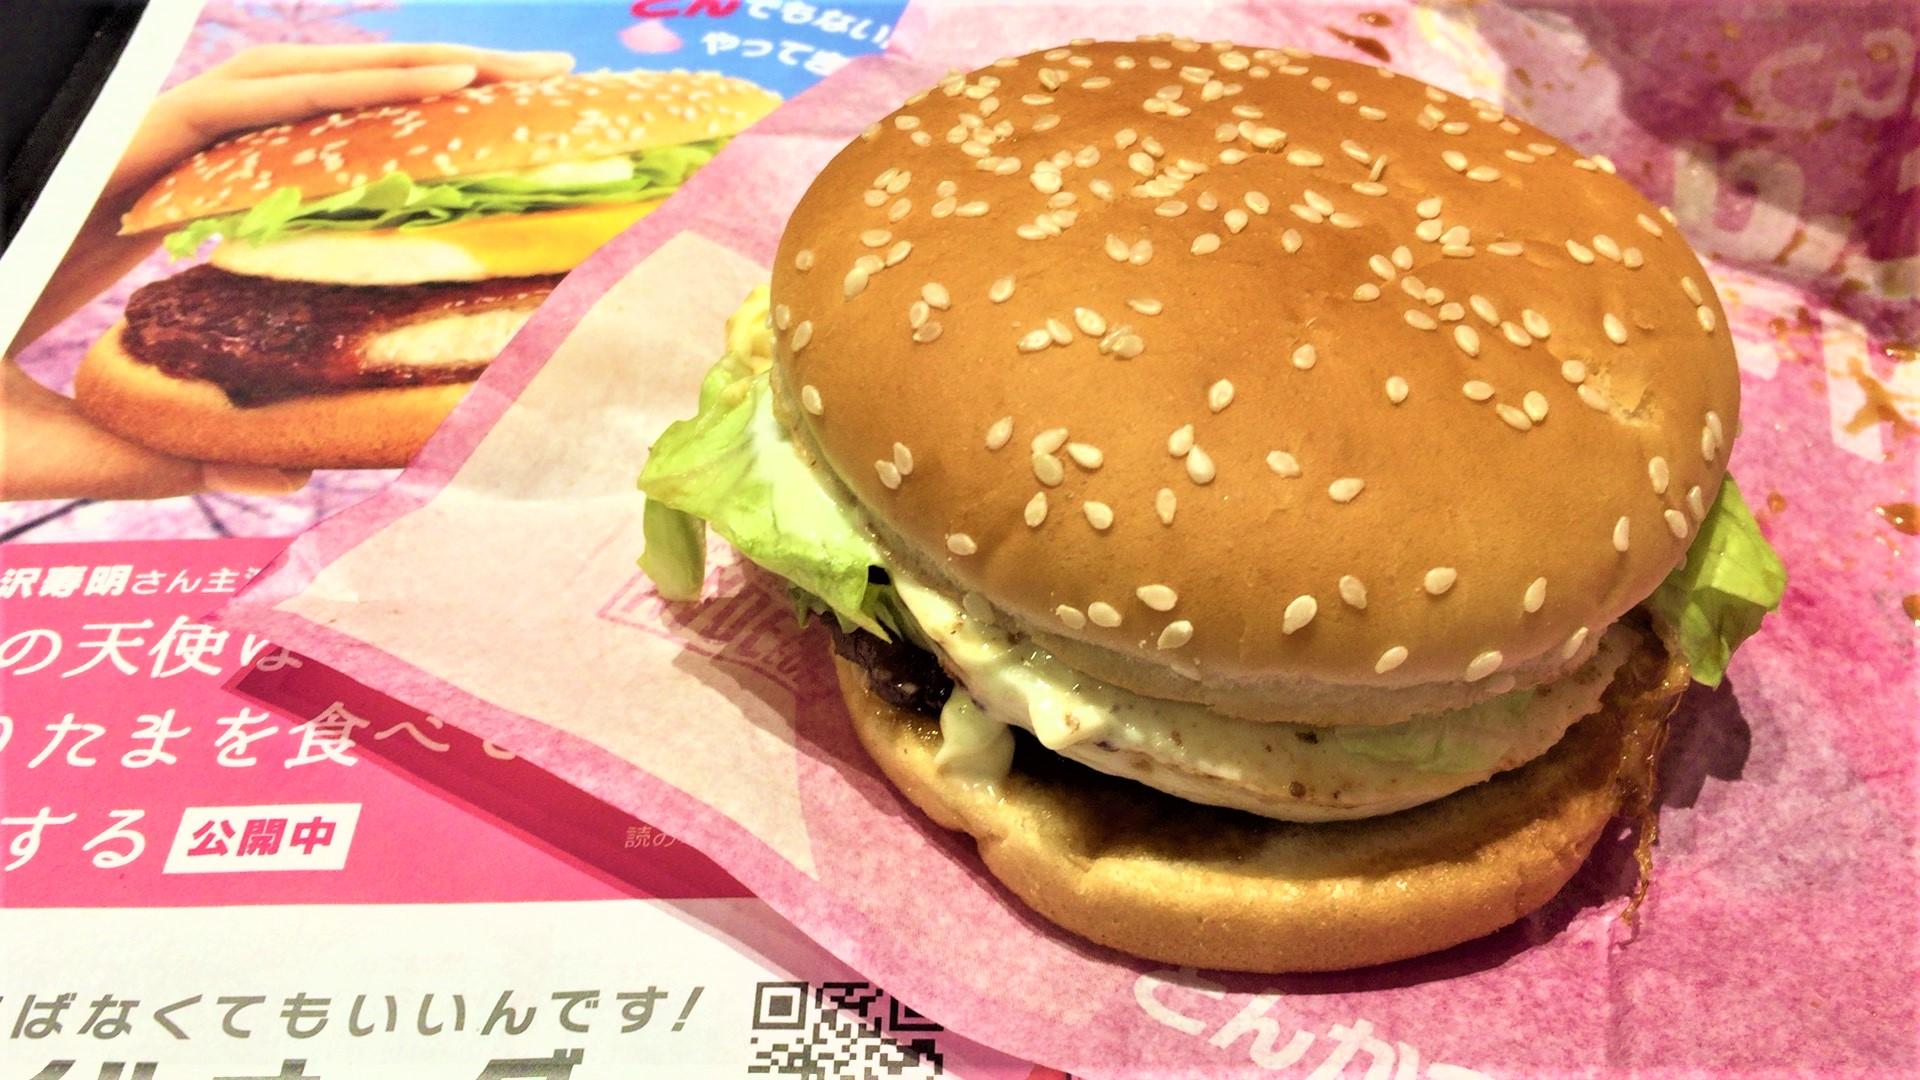 とんかつ!!てりたま(マクドナルド)を食べてみた【感想・口コミは?】